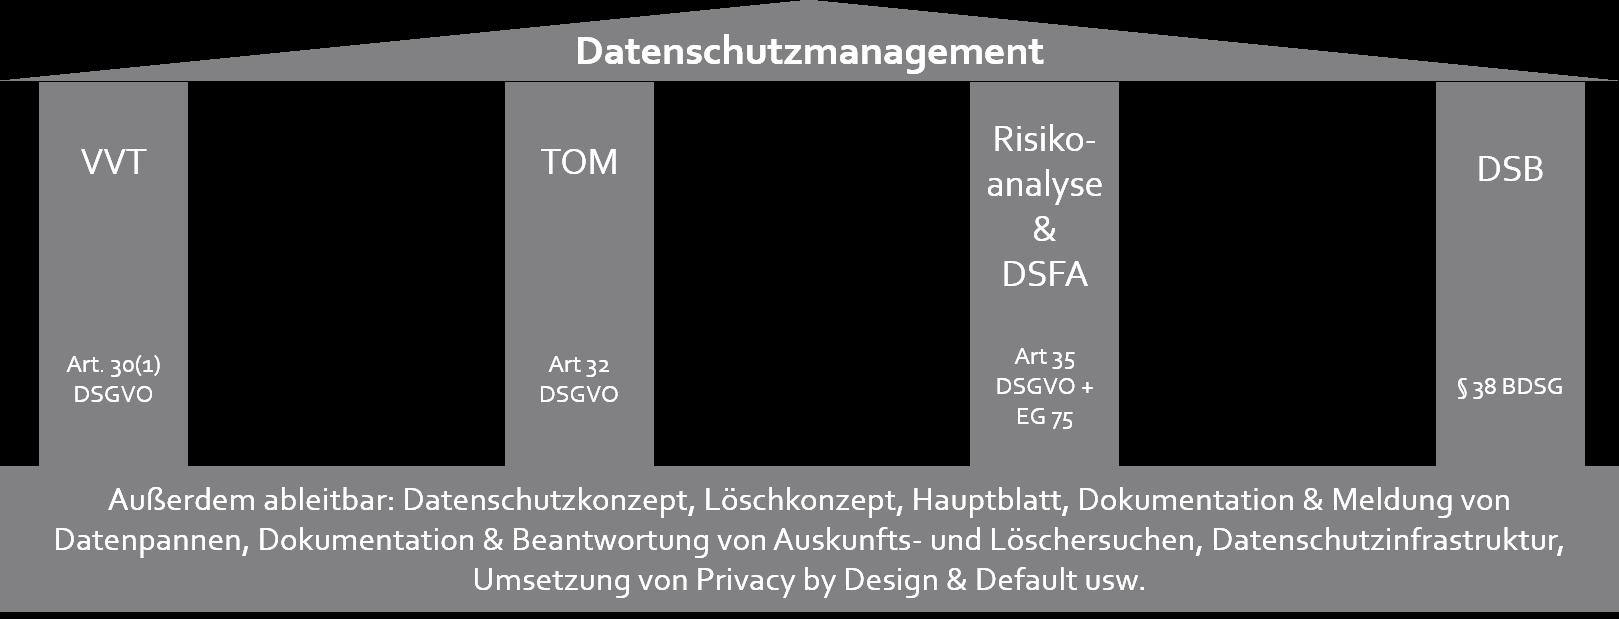 Alle Dokumentationspflichten nach DSGVO zusammengefasst.